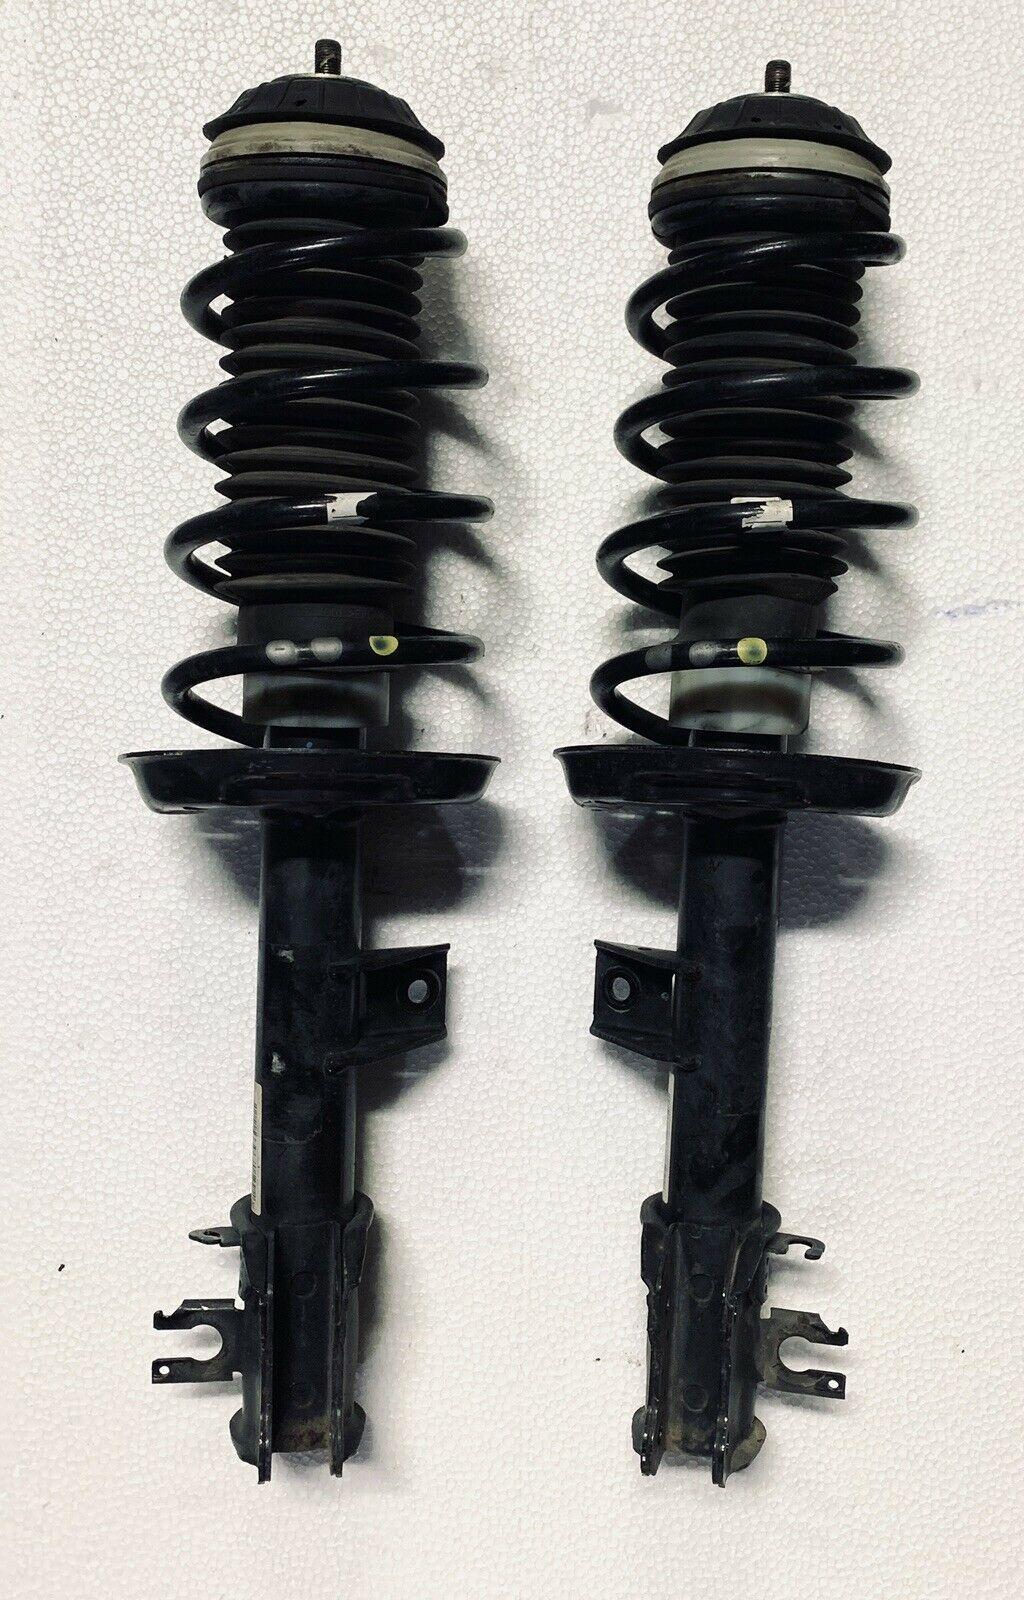 ammortizzatori anteriori Fiat panda 4x4 1.3 Multijet Anno 2016 Originale